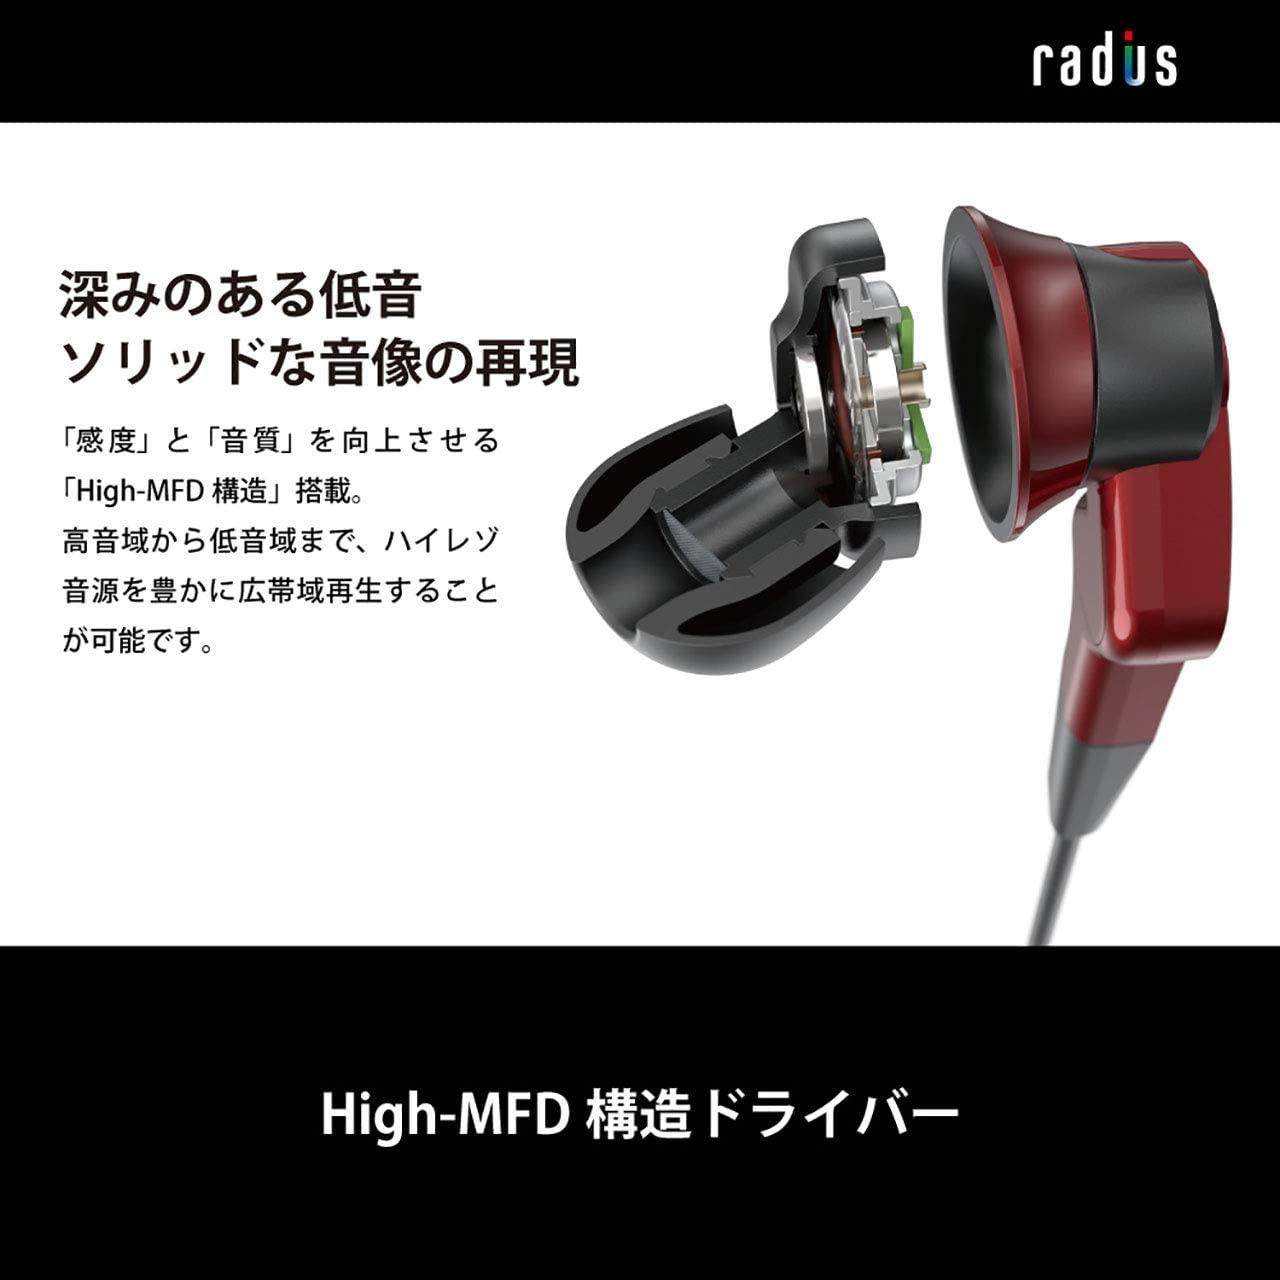 HP-NHA11 リモコンマイク付 High-MFD搭載 重低音ハイレゾイヤホン スタンダードモデル